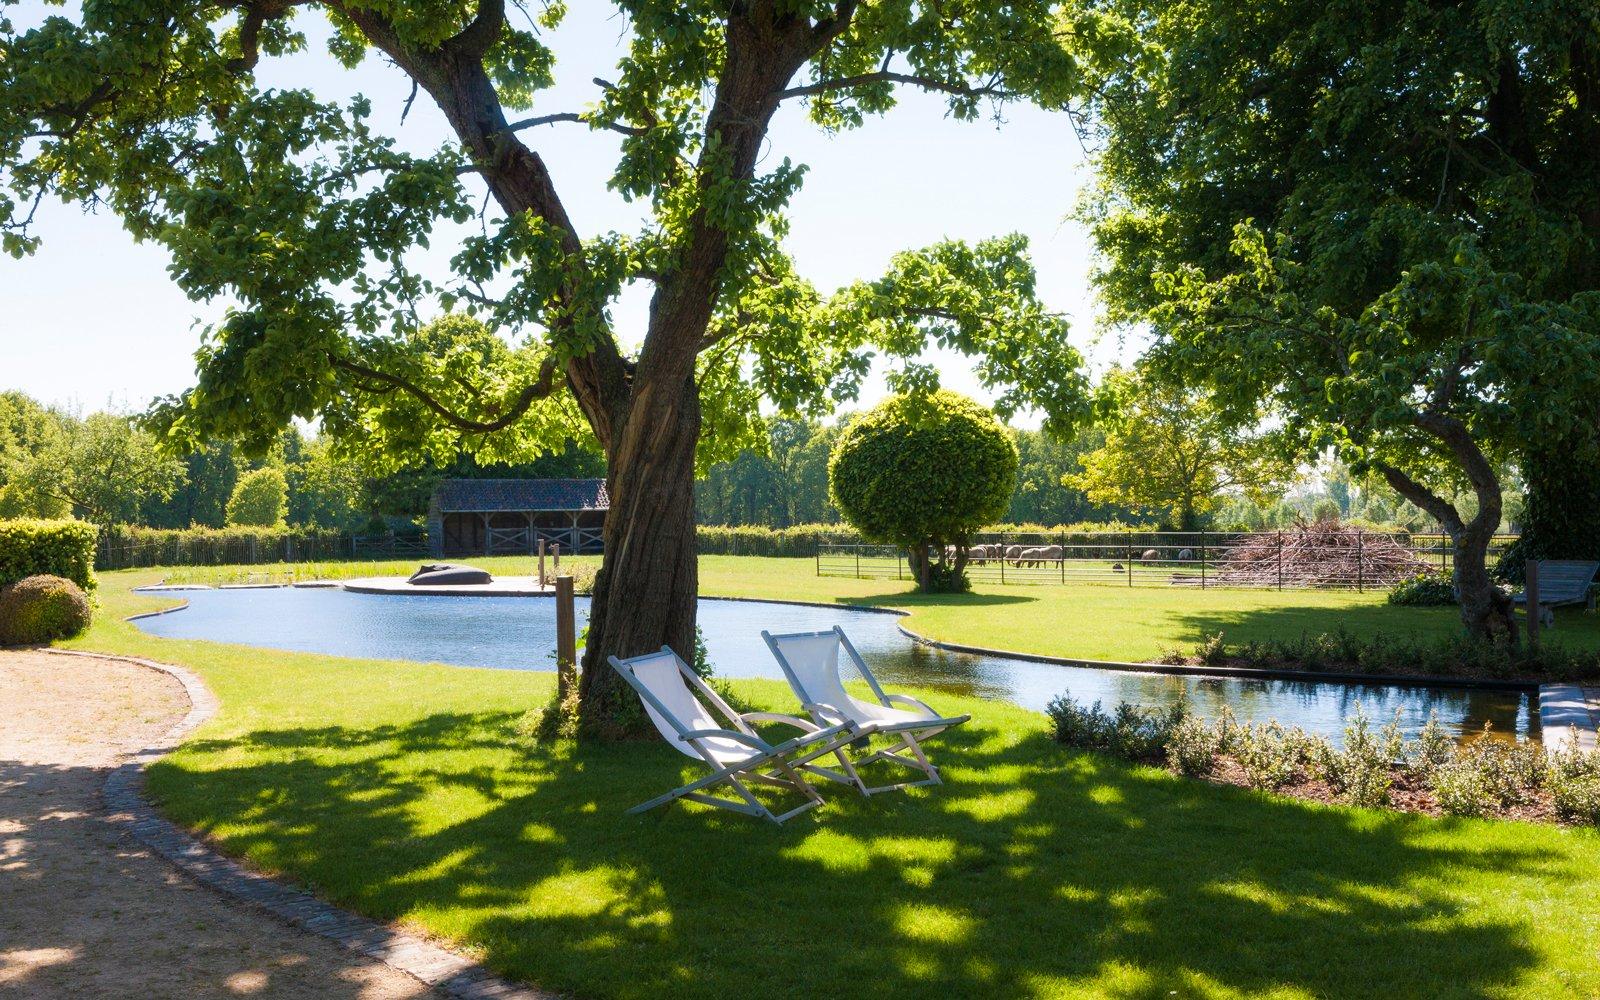 zwemvijver, zwembad, wellness, outdoor living, The art of living